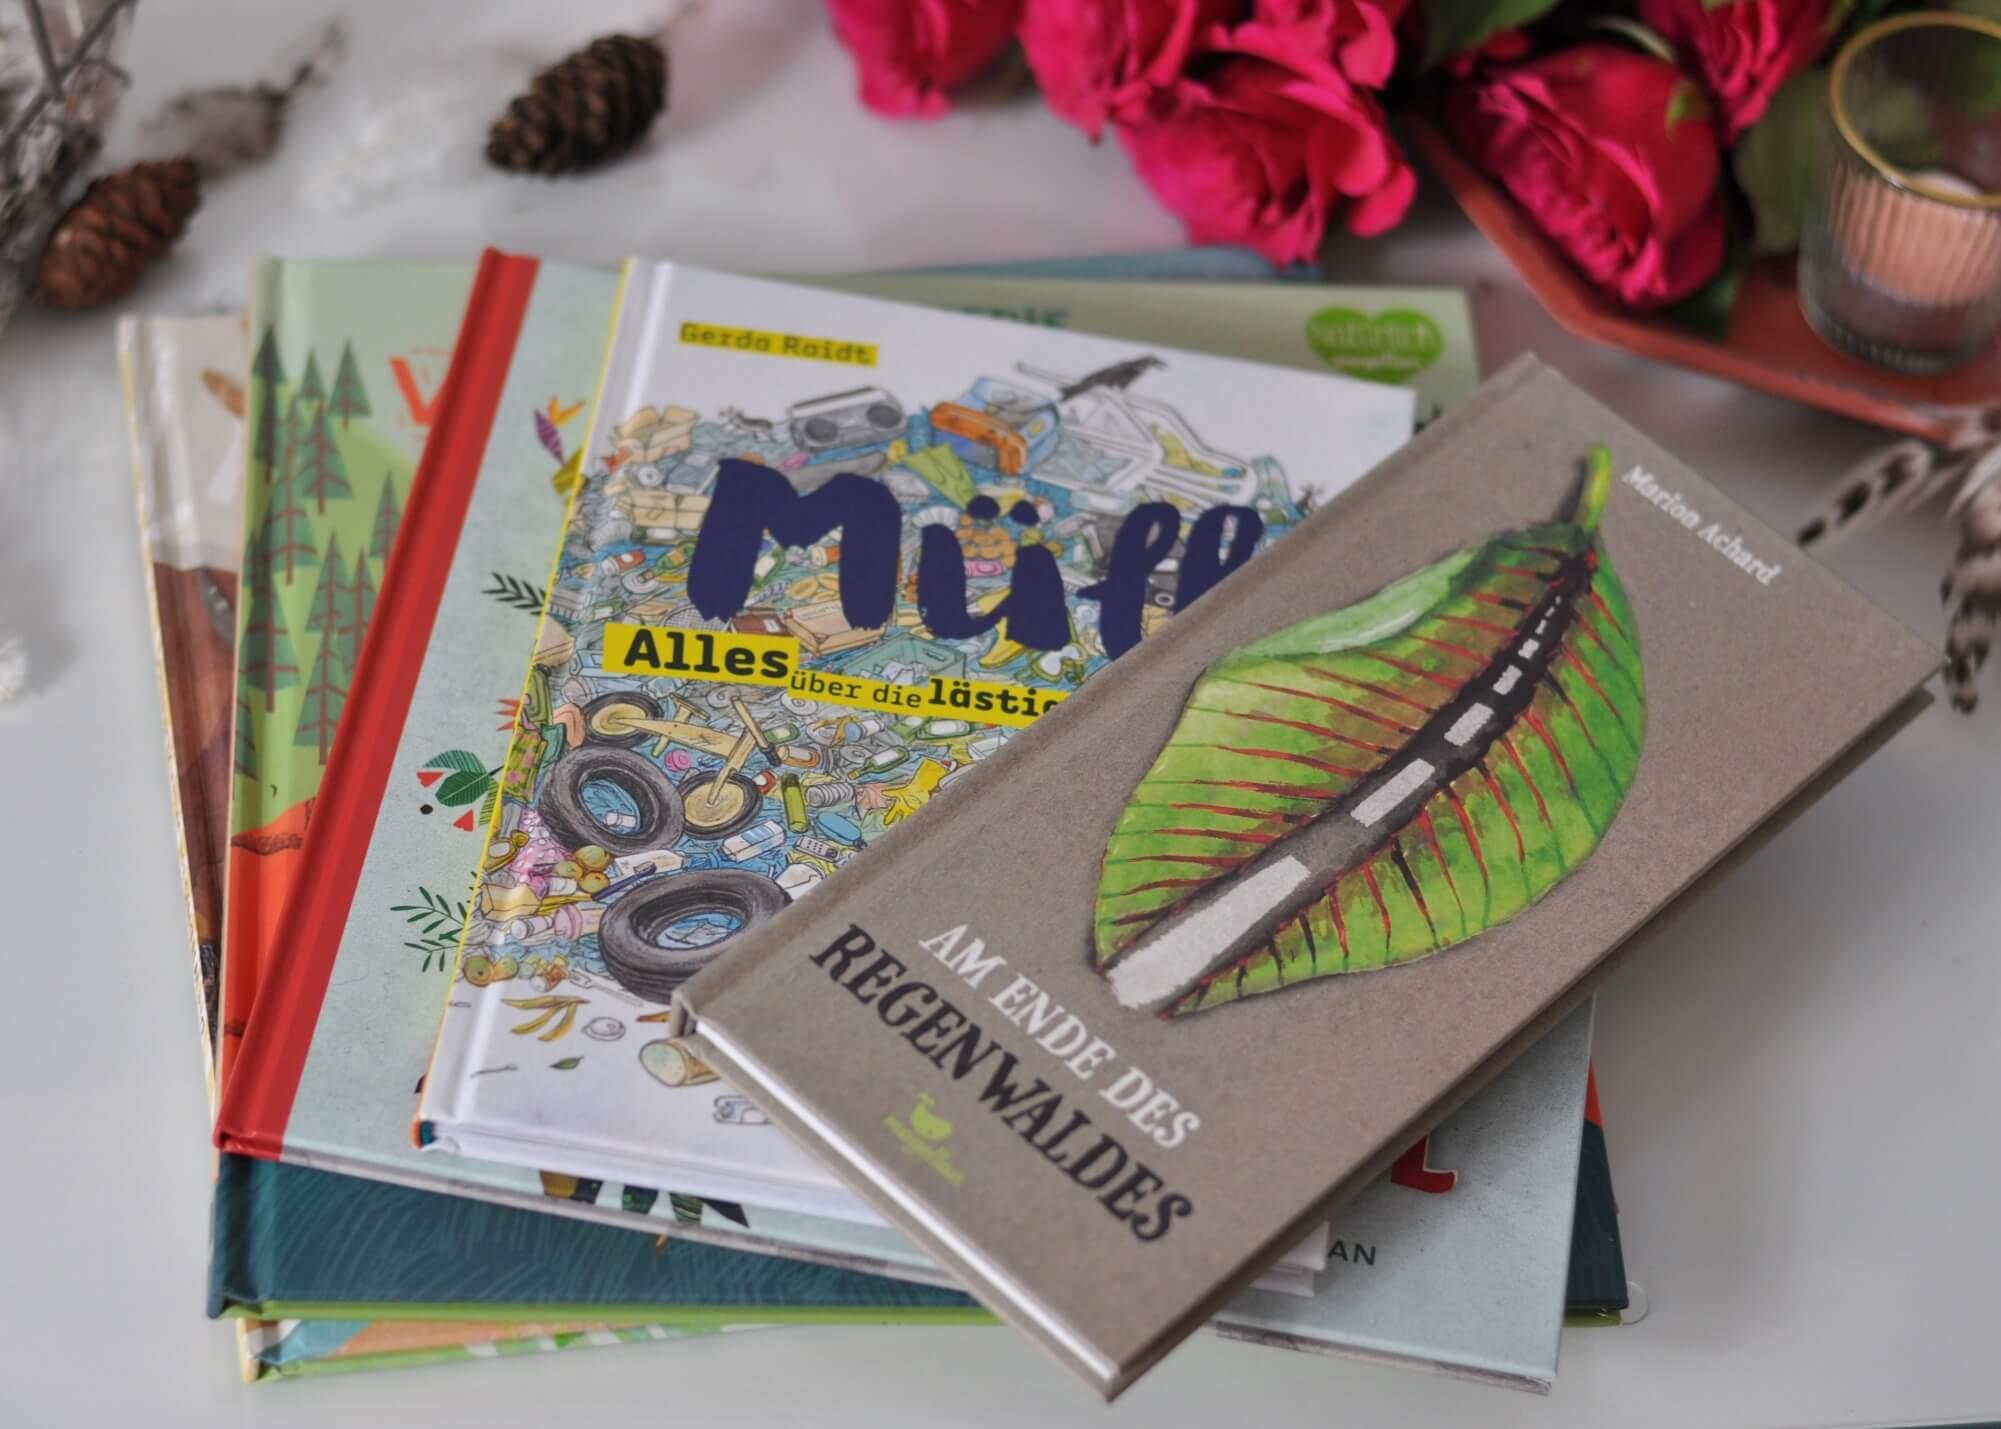 Ob Müll, Urban-Gardening oder das Abholzen der Wälder - in Sachen Nachhaltigkeit und Umweltschutz muss einiges getan werden. Diese 5 Bücher bringen Kindern ab 3 Jahren wichtige Themen rund um Umweltschutz nahe. #Nachhaltigkeit #Umweltschutz #Garten #Müll #Kinderbuch #lesen #vorlesen